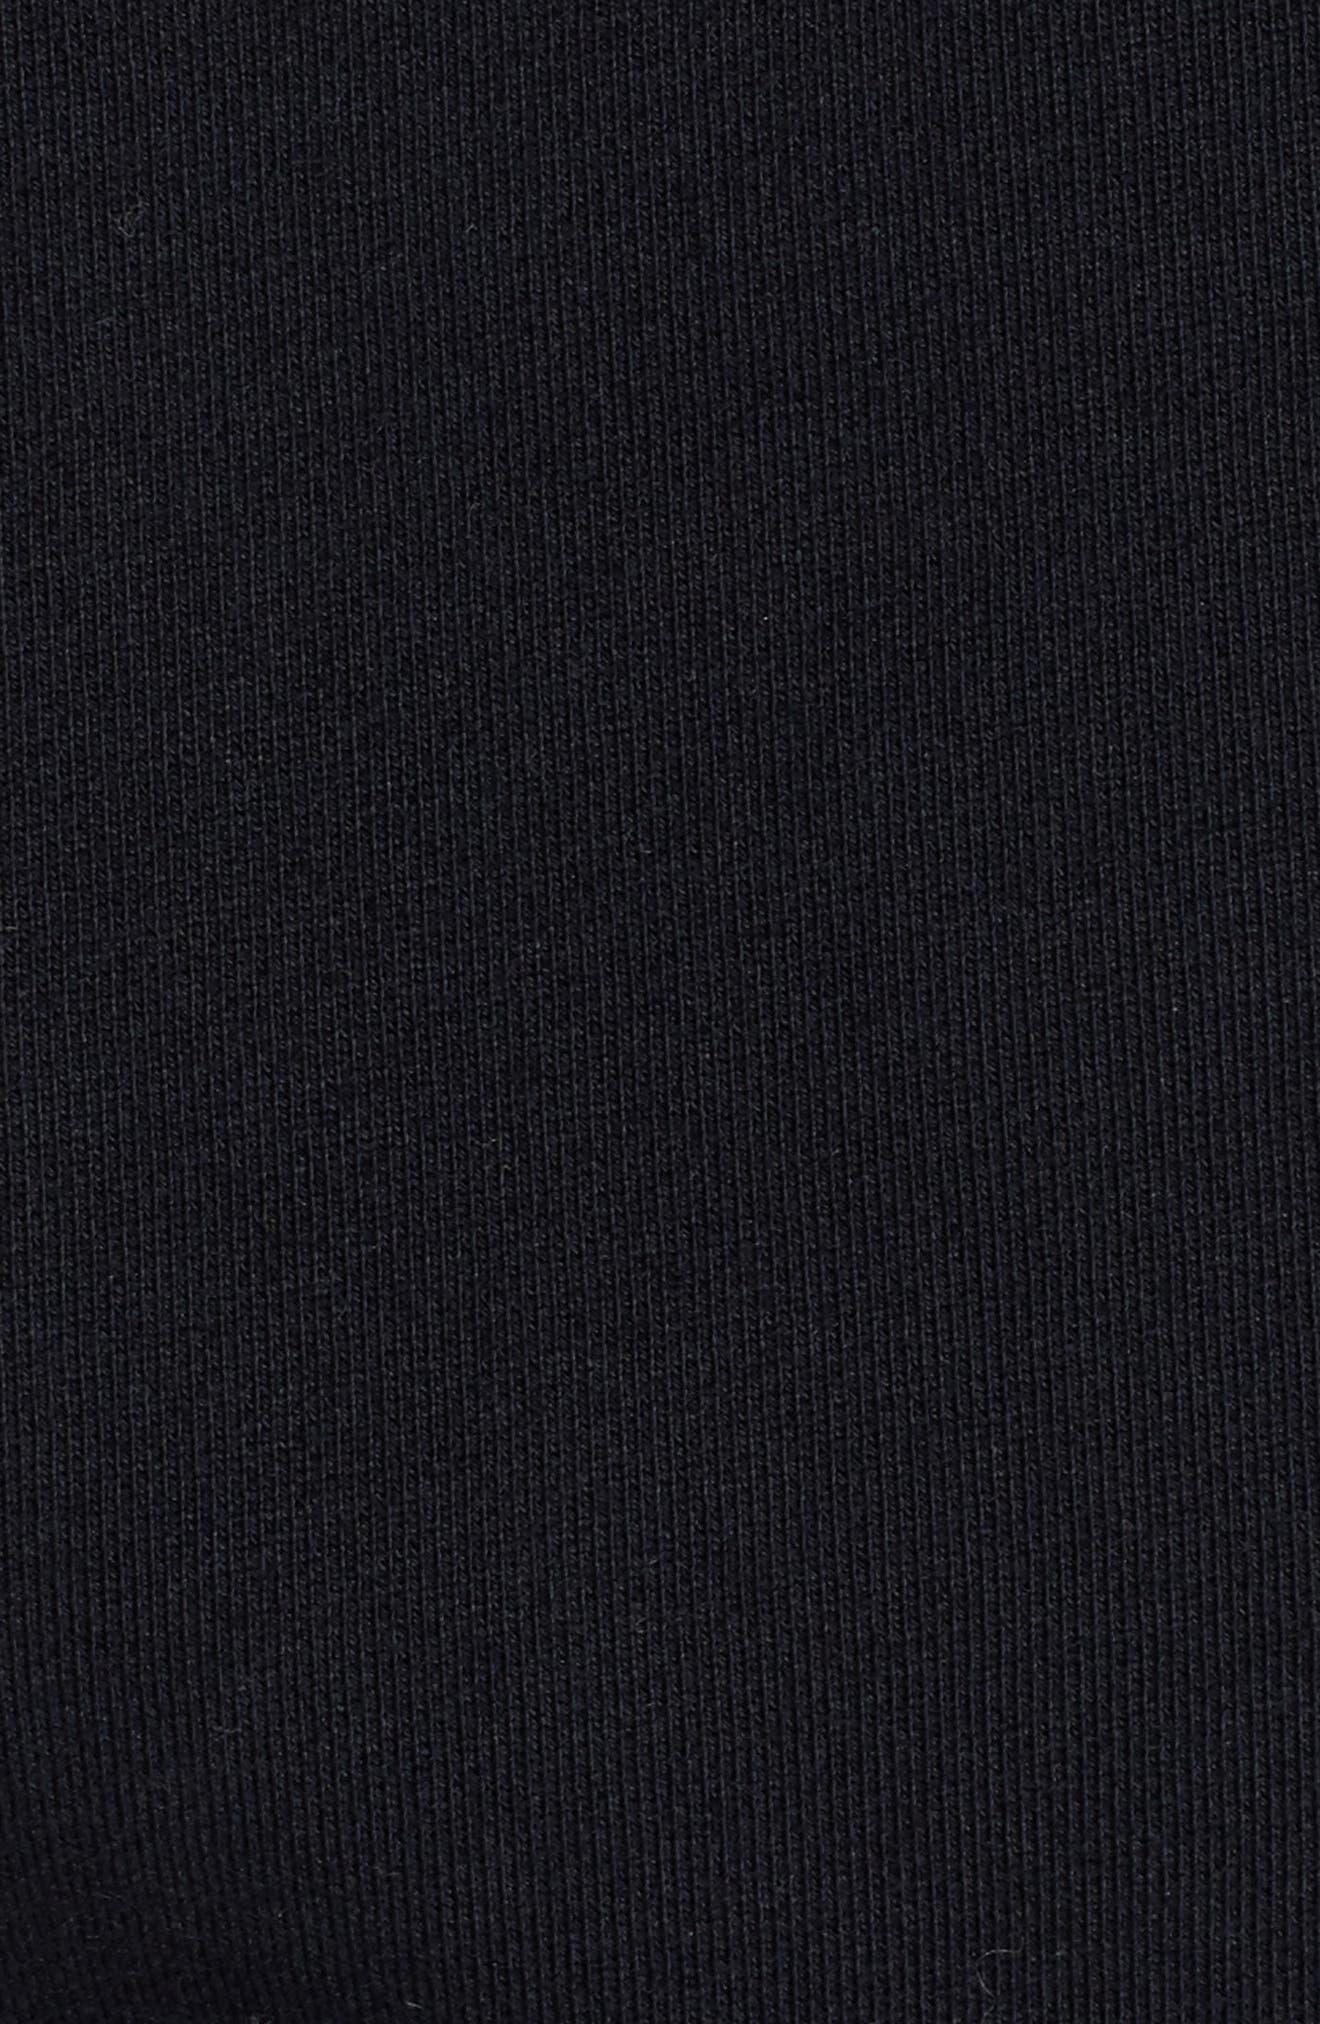 Cutoff Short Sleeve Hoodie,                             Alternate thumbnail 5, color,                             001